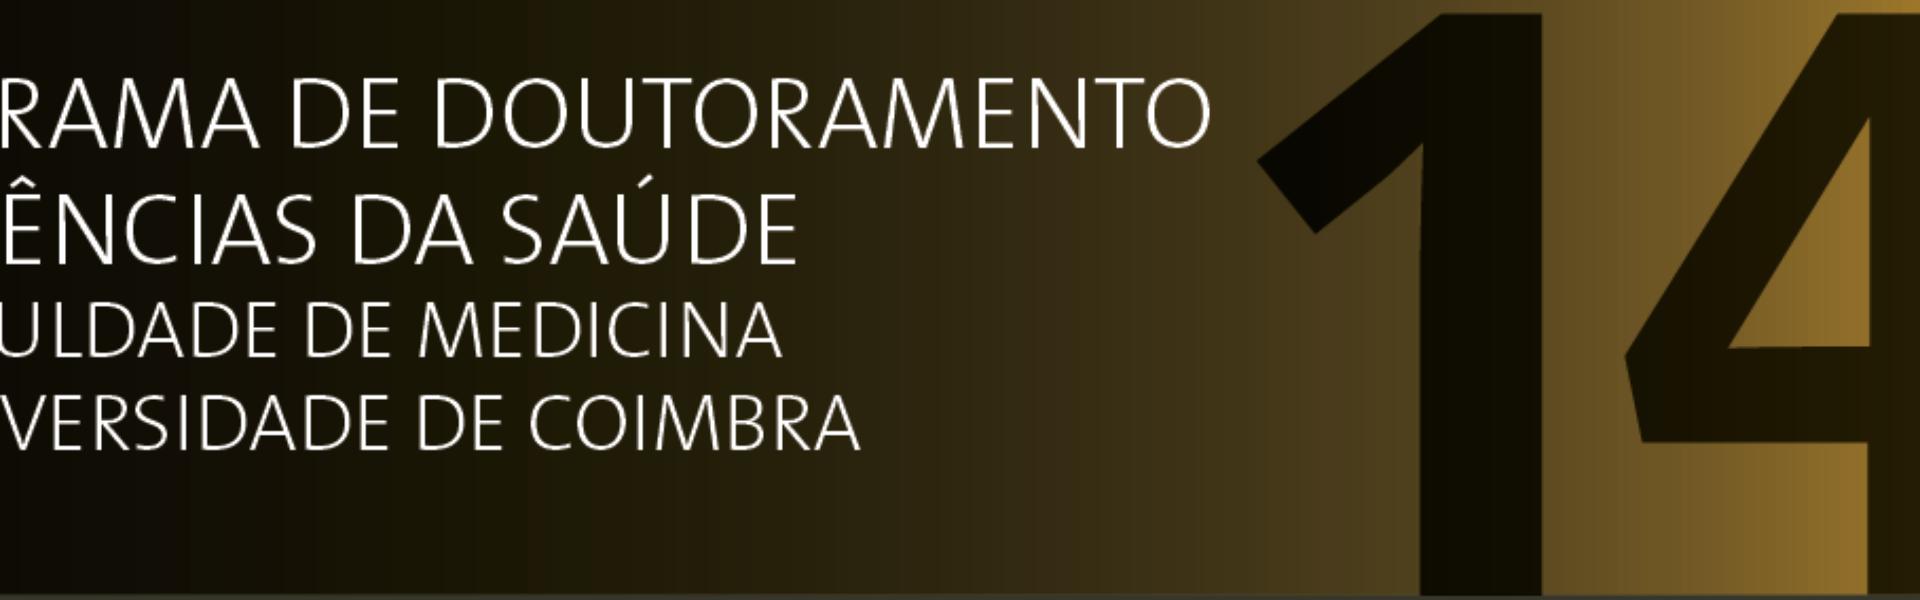 Programa de Doutoramento em Ciências da Saúde